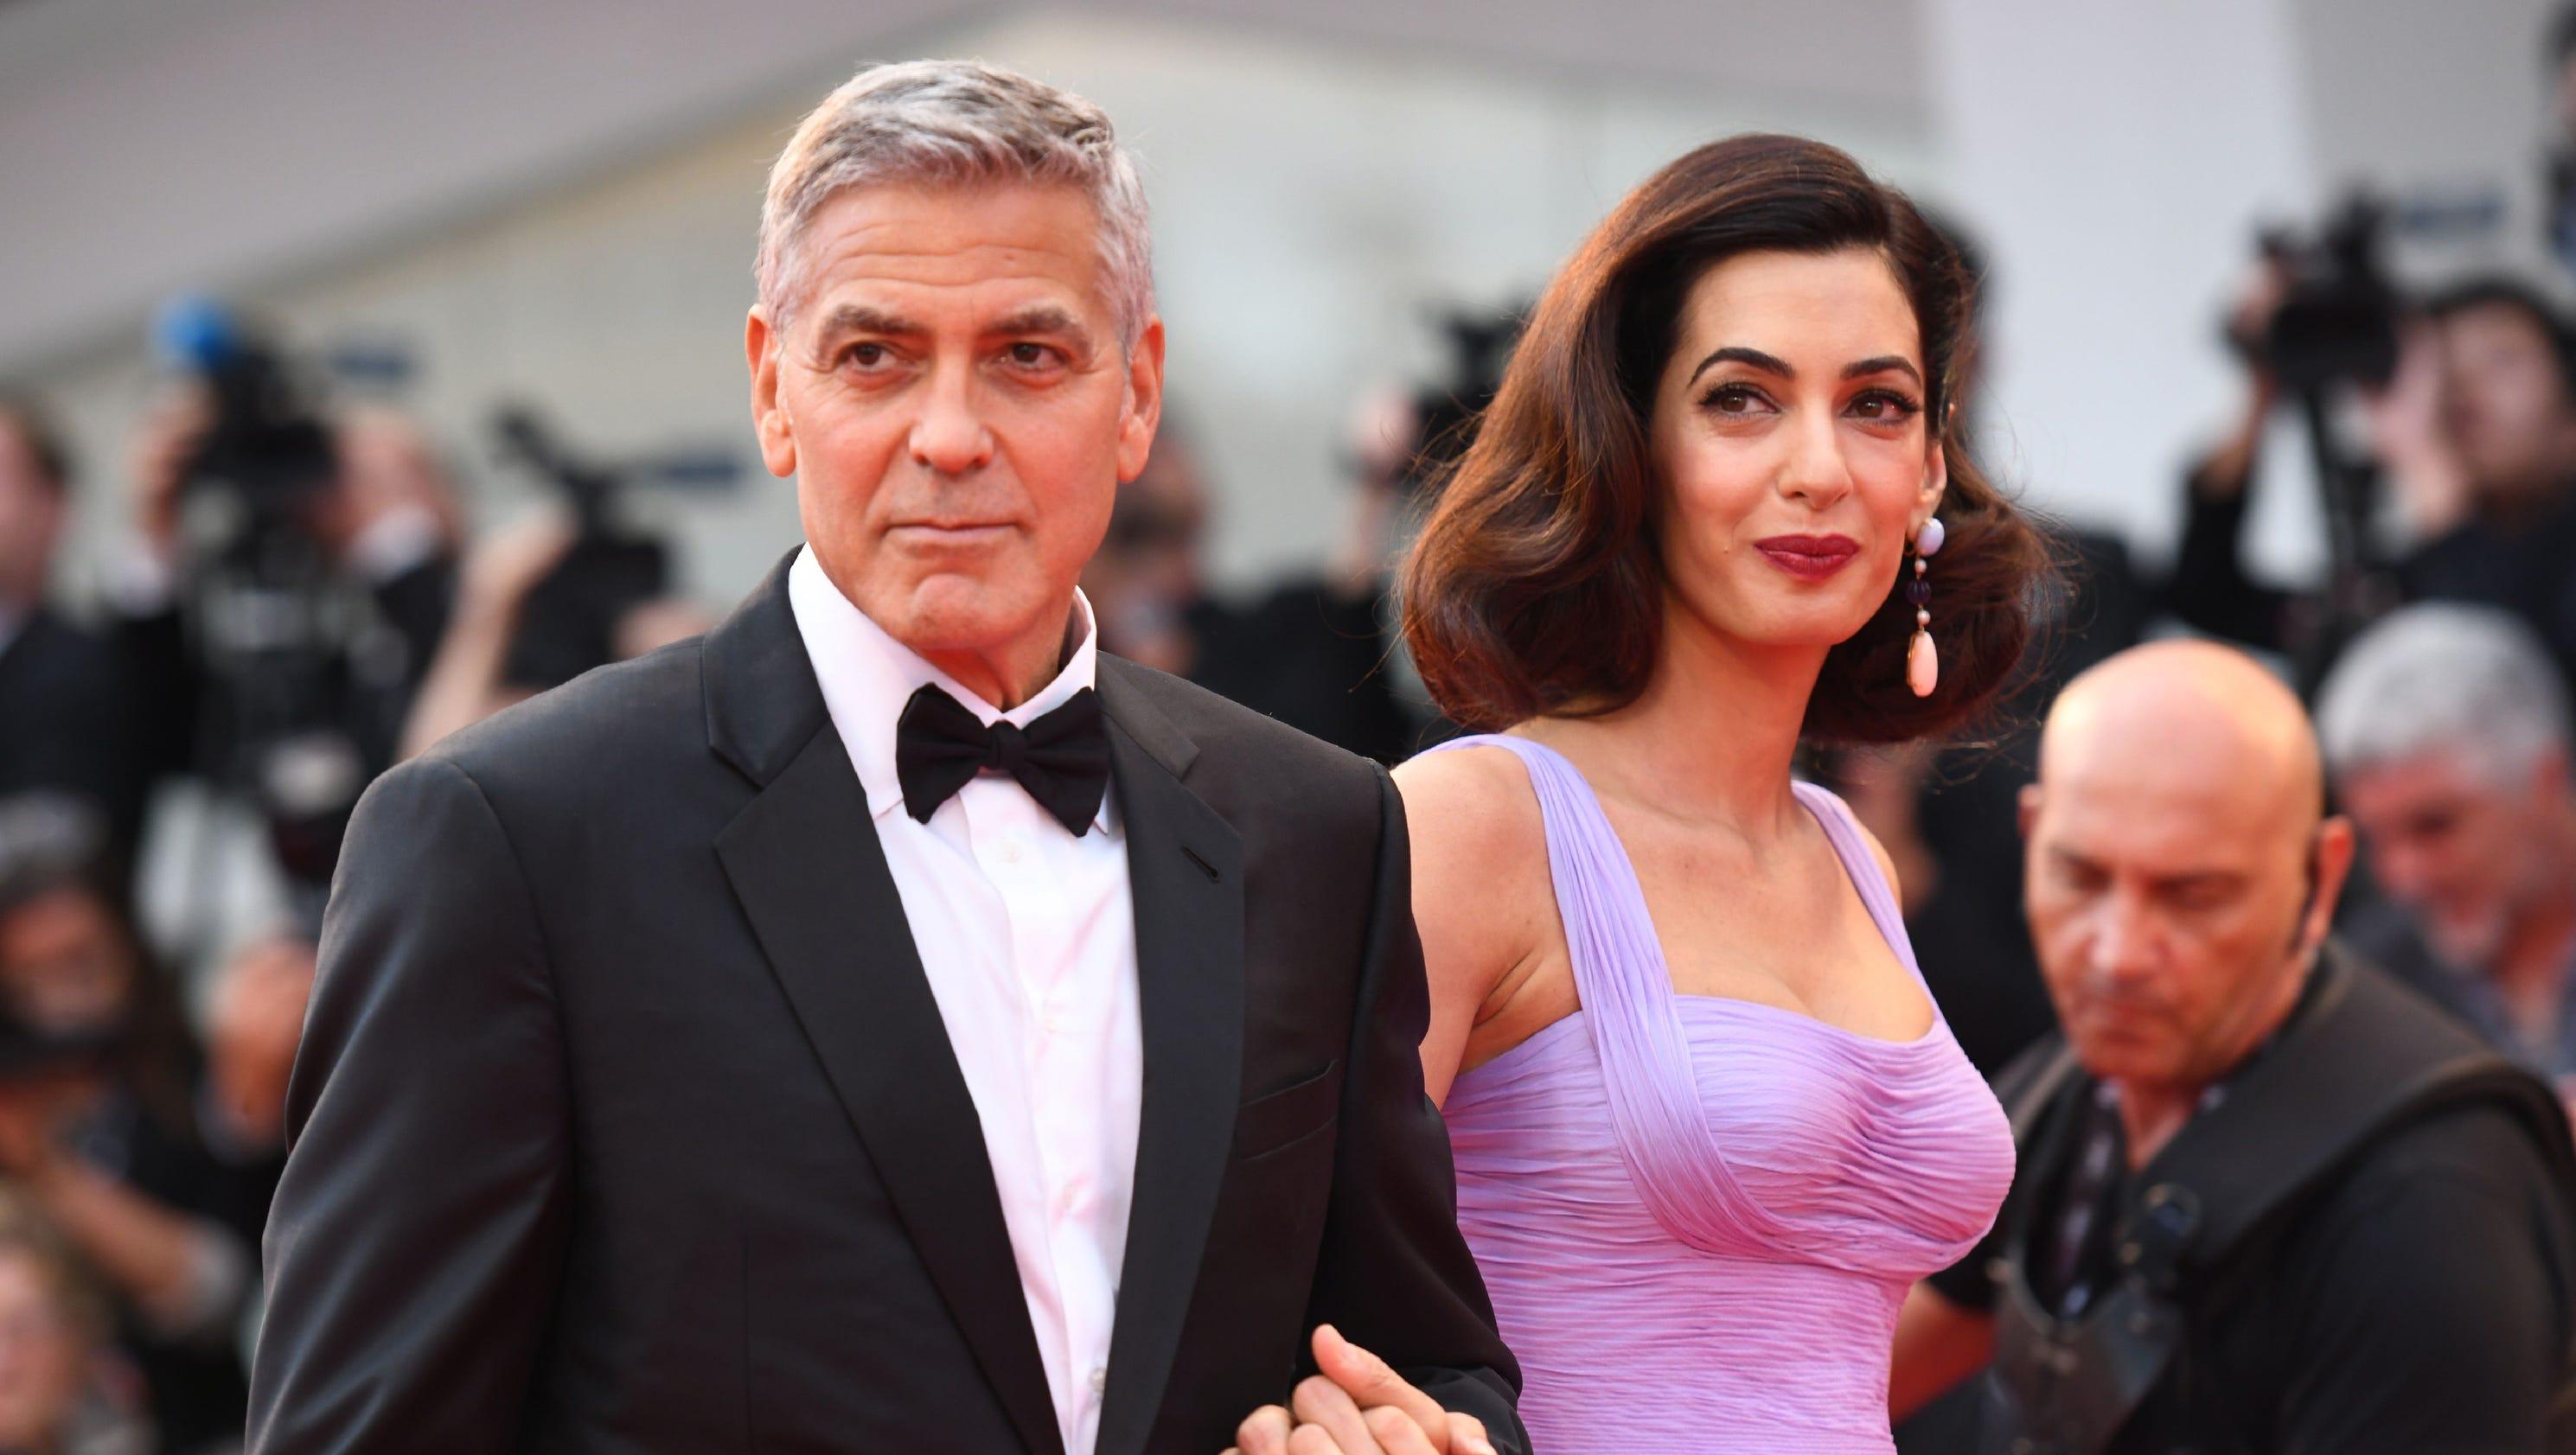 Oprah, Spielberg, Katzenberg match Clooney\'s $500K donation to march